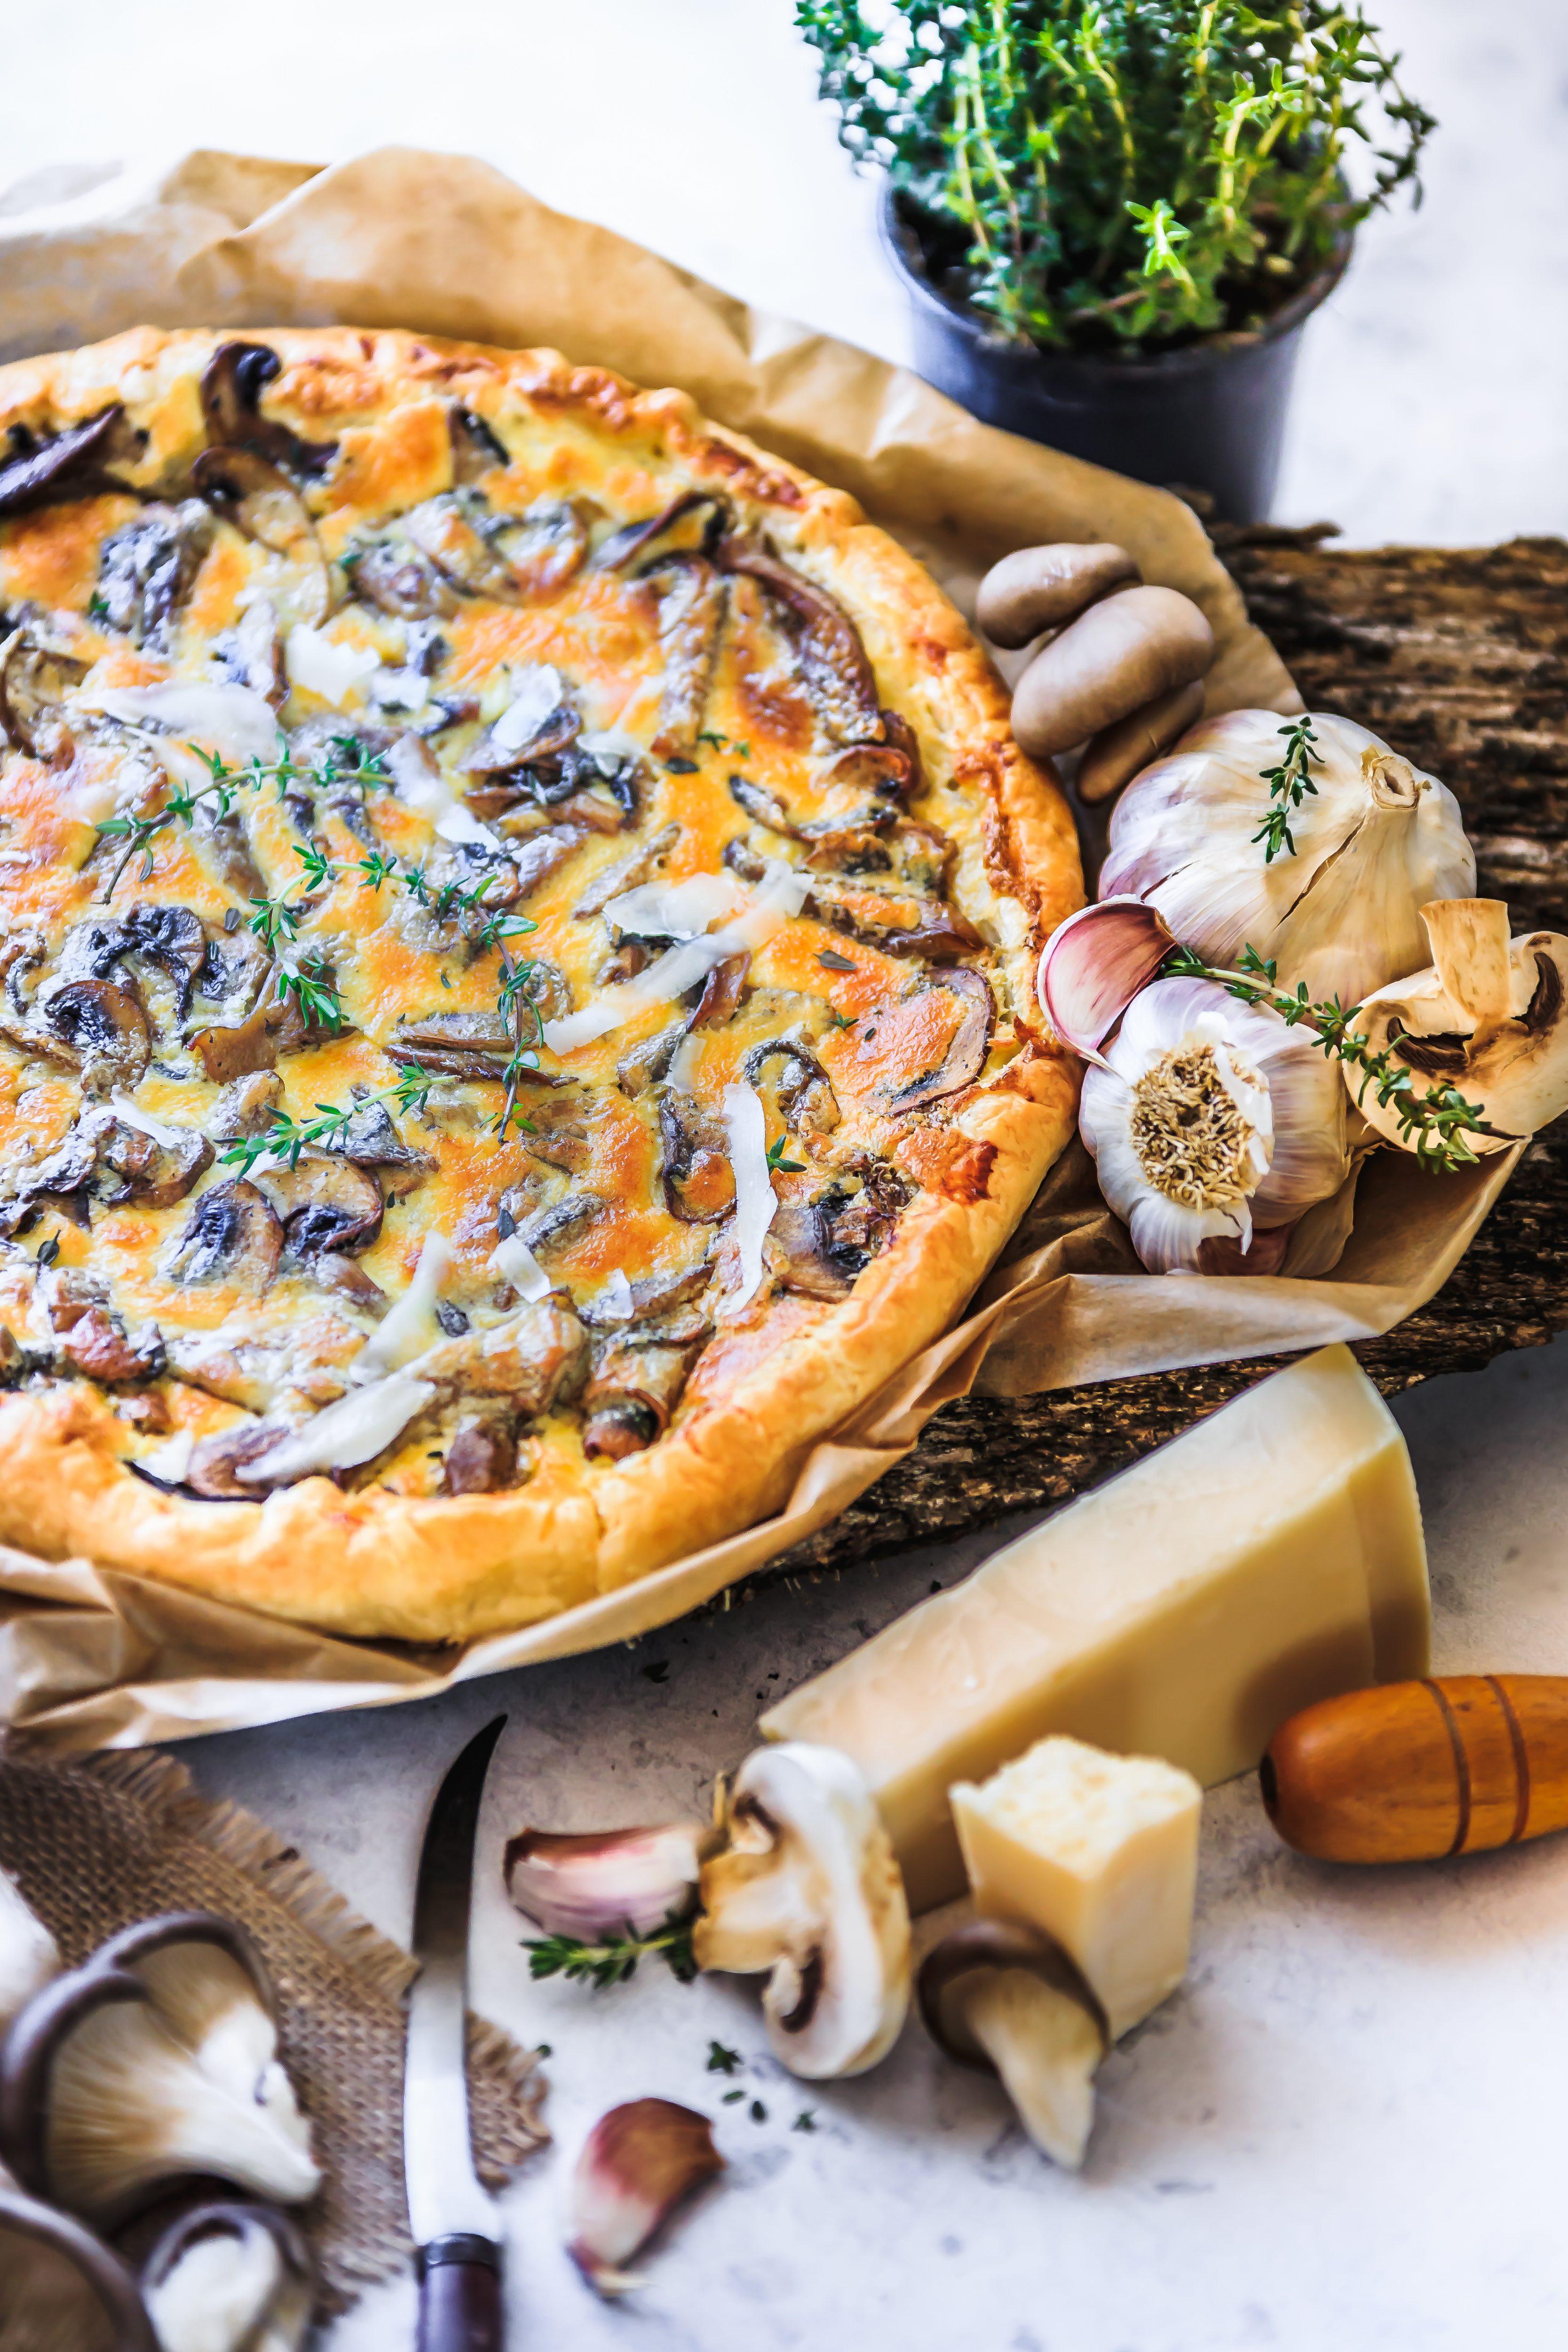 Recette de Quiches aux champignons  thym et parmesan.